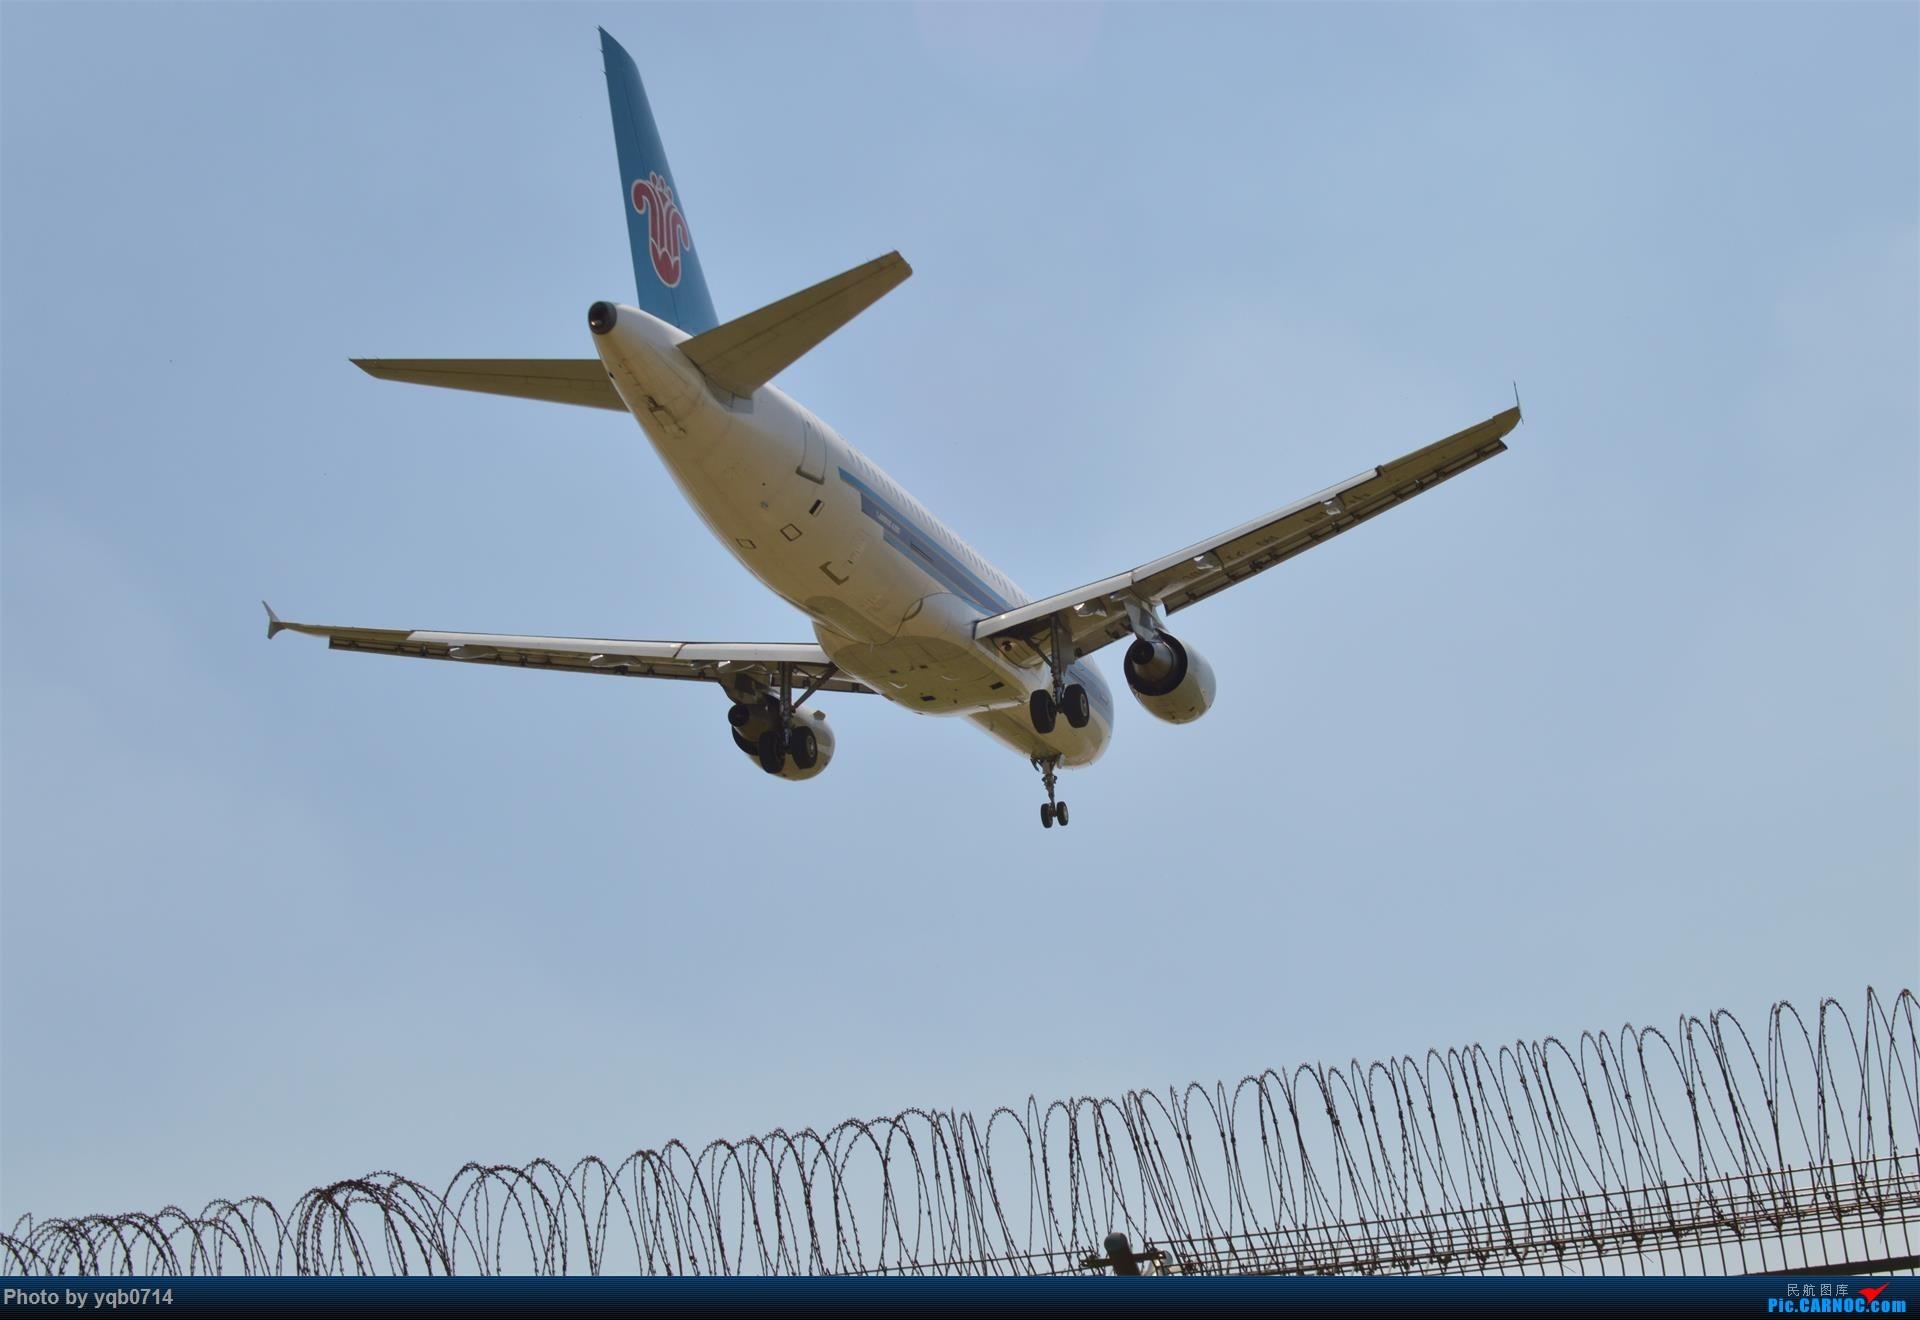 Re:[原创]出来炸道,喜欢星空联盟的小反!!!! AIRBUS A320-200 B-6739 中国沈阳桃仙国际机场